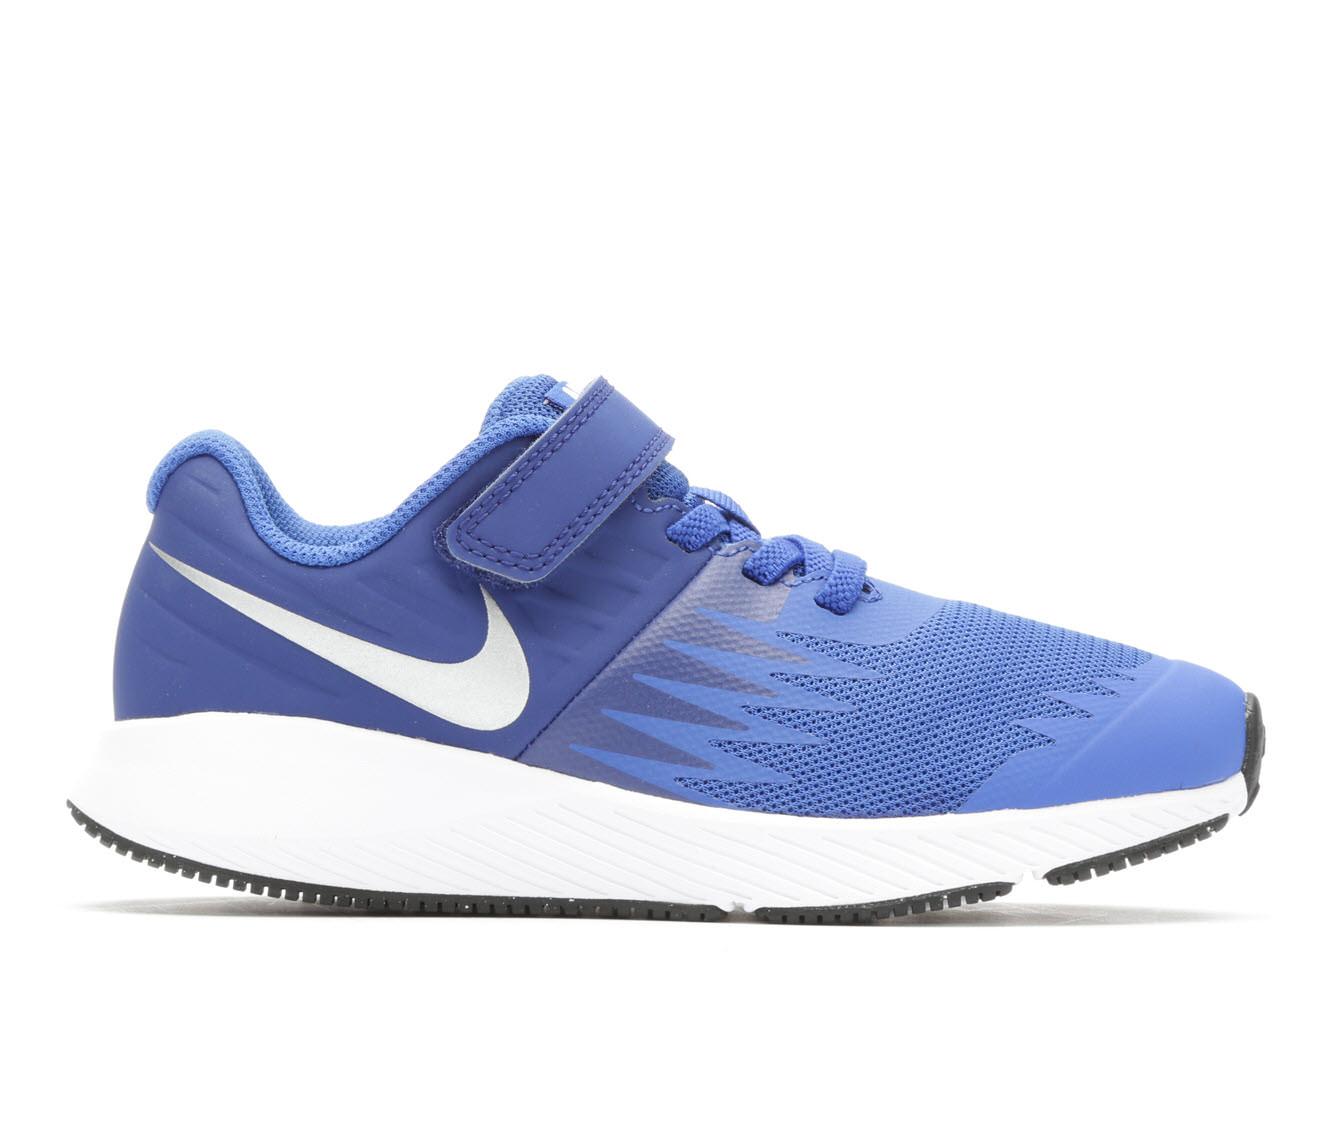 Boys' Nike Star Runner PS Velcro Running Shoes (Blue)